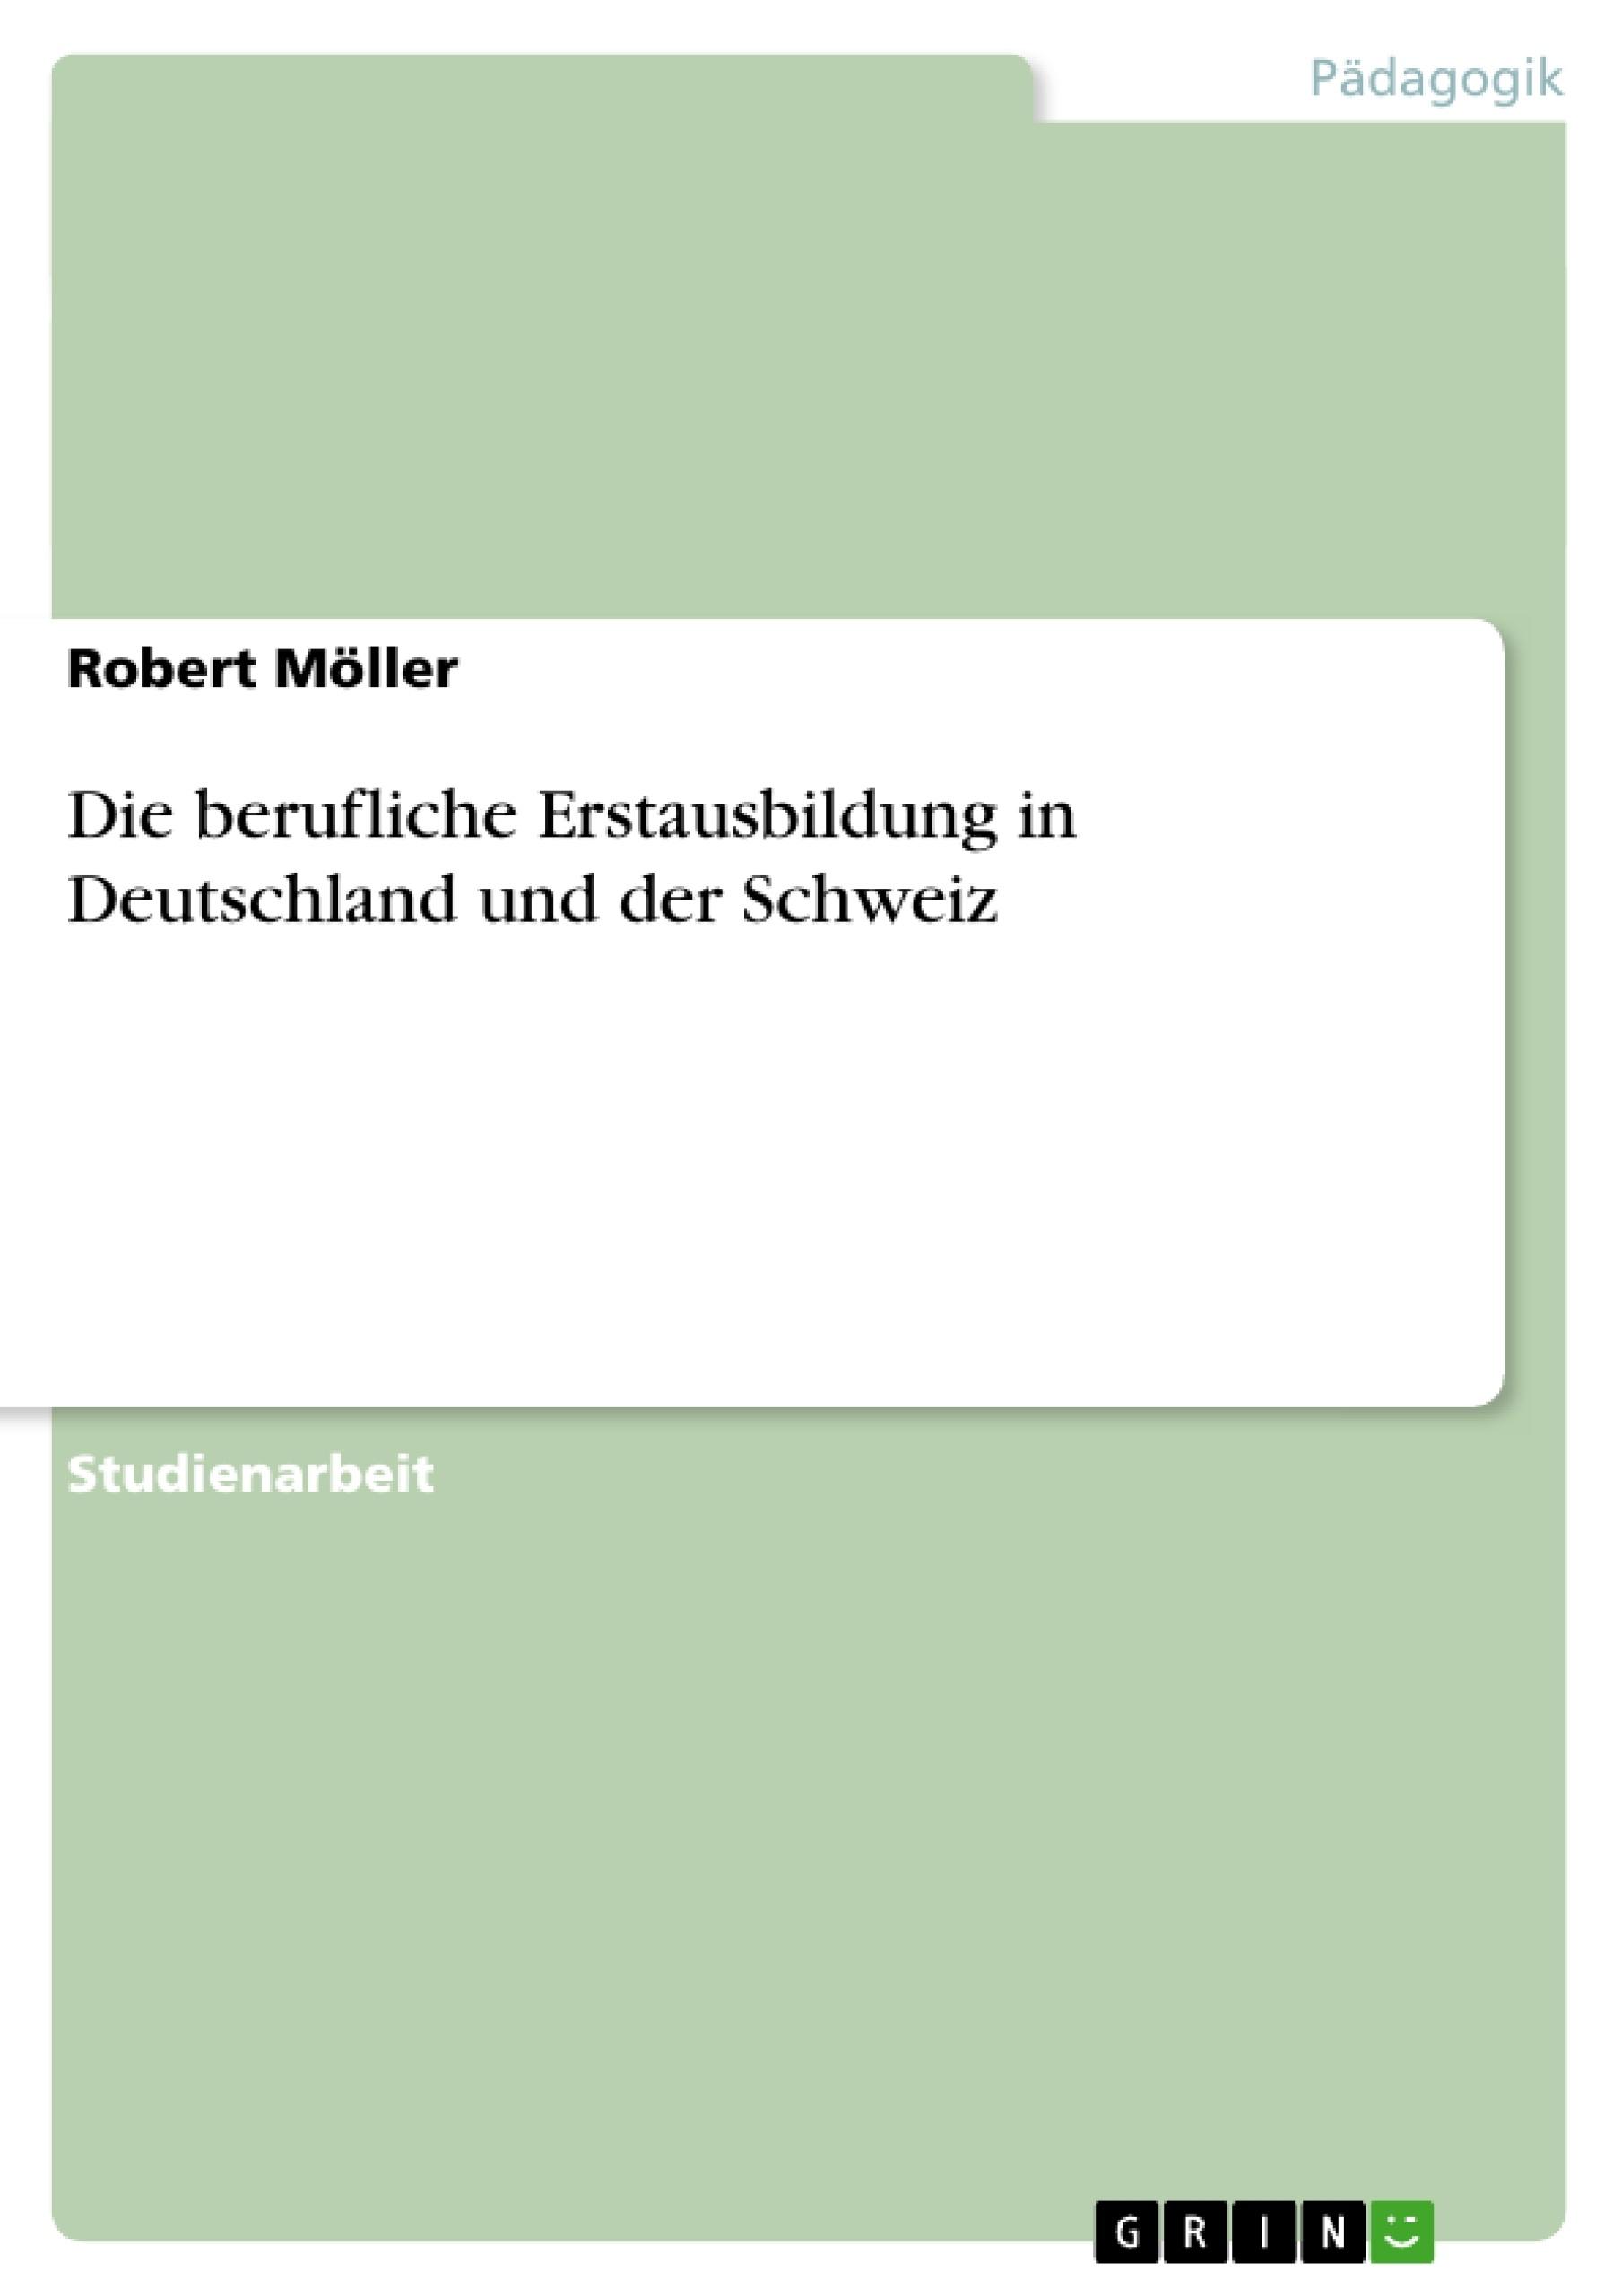 Titel: Die berufliche Erstausbildung in Deutschland und der Schweiz